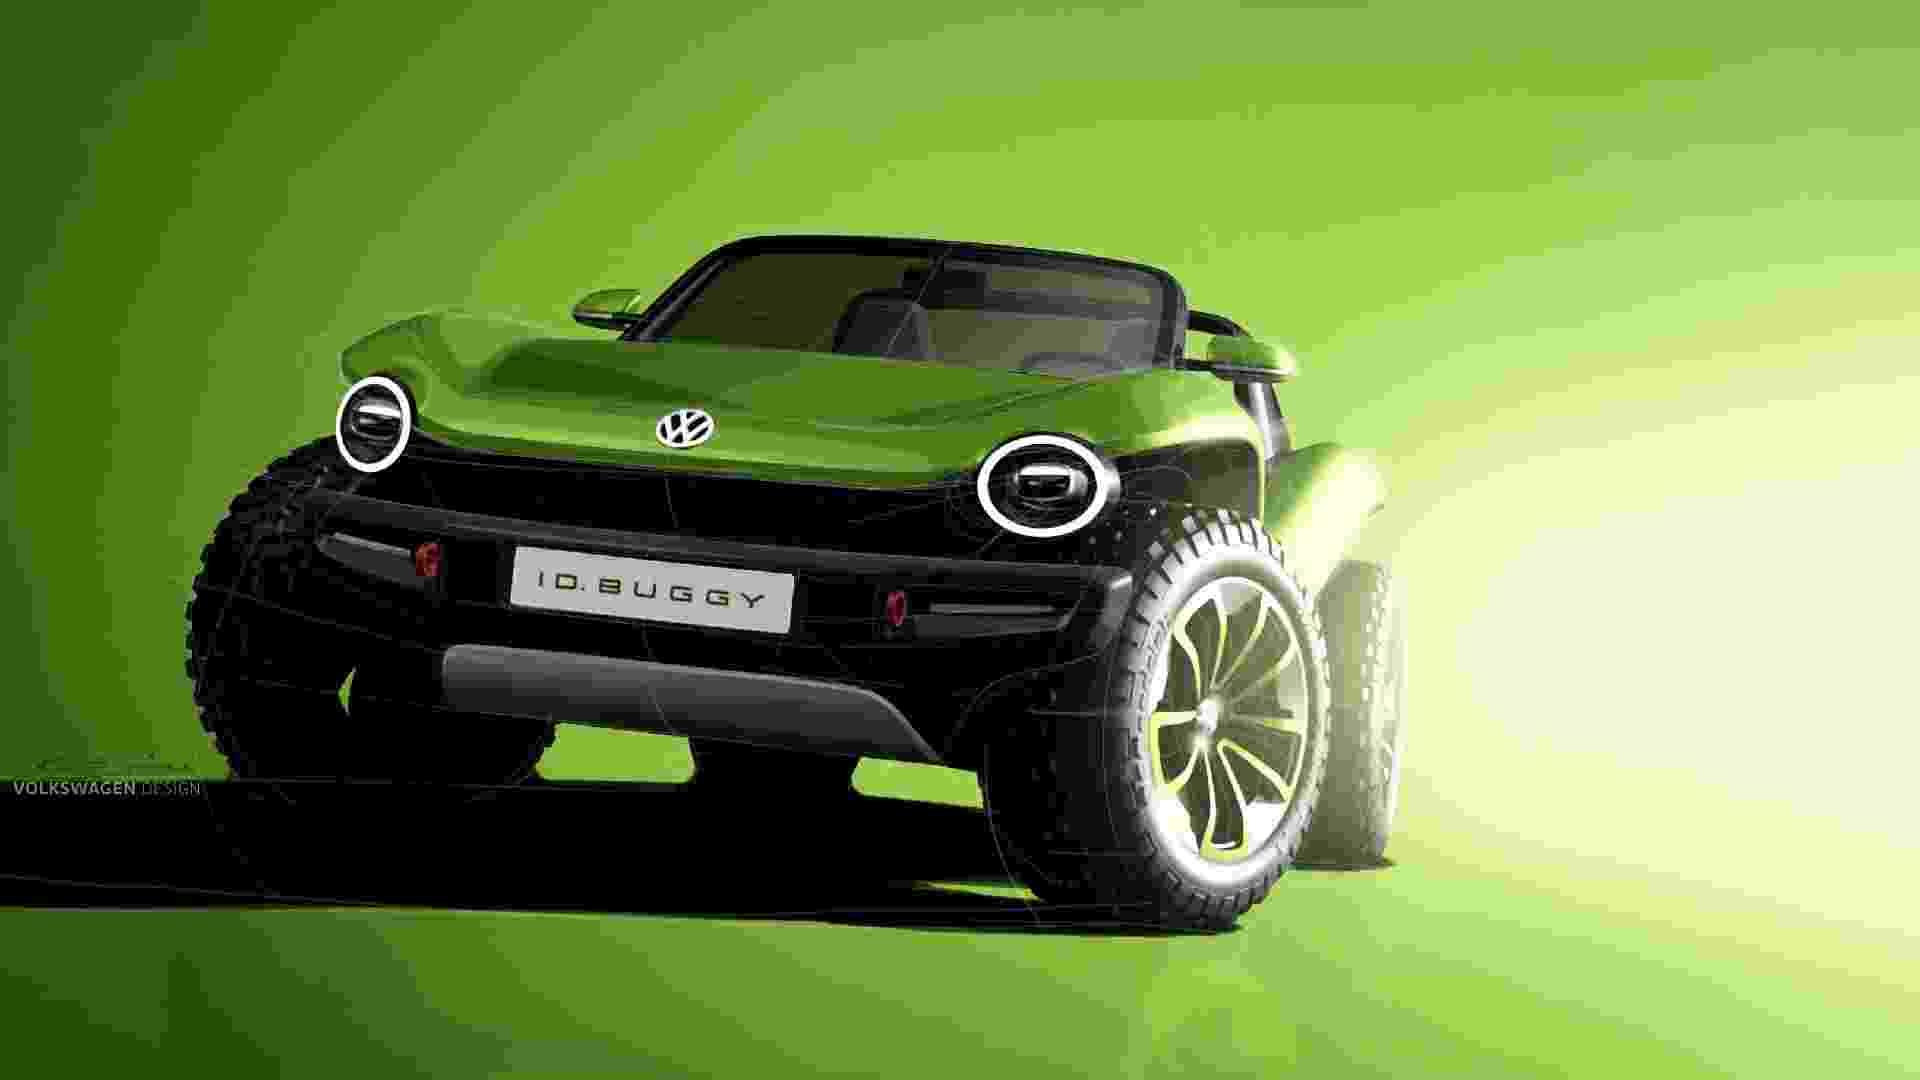 Volkswagen ID Buggy 1 - Divulgação